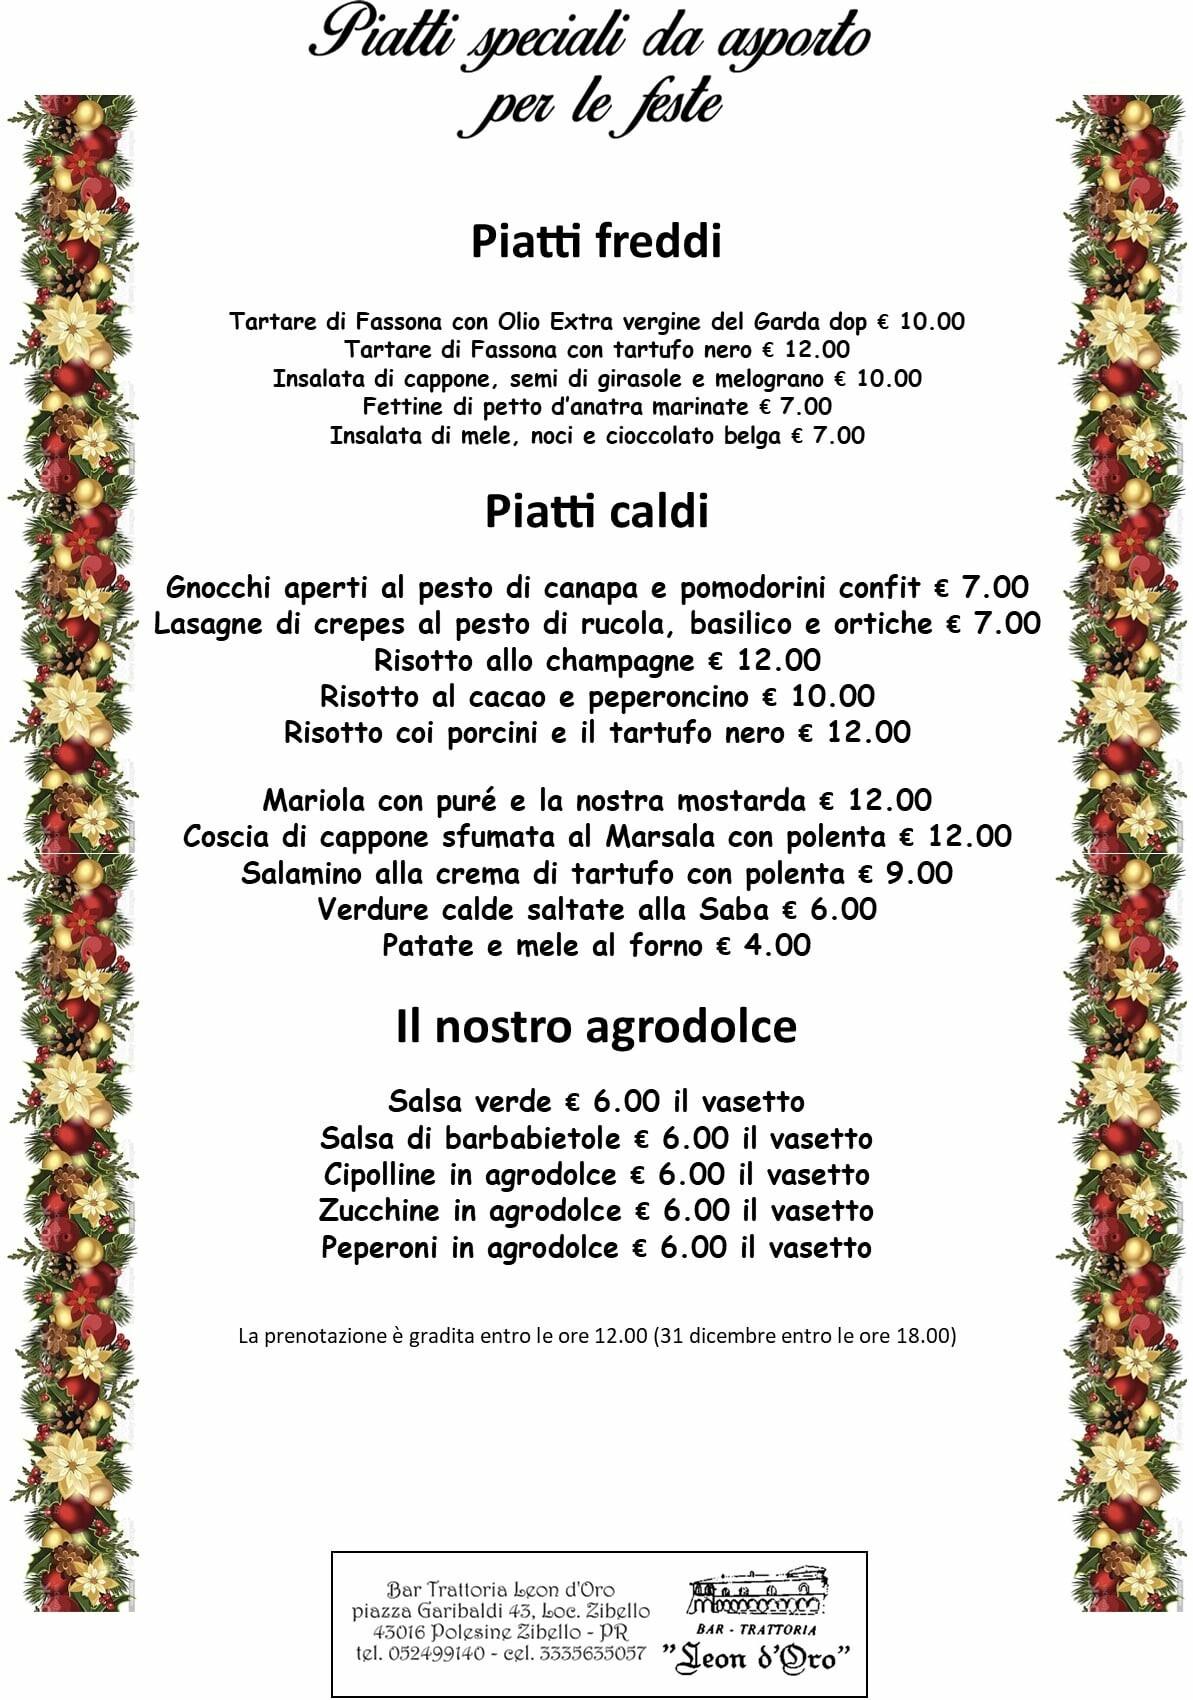 Piatti speciali per le feste d'asporto della trattoria Leon D'oro